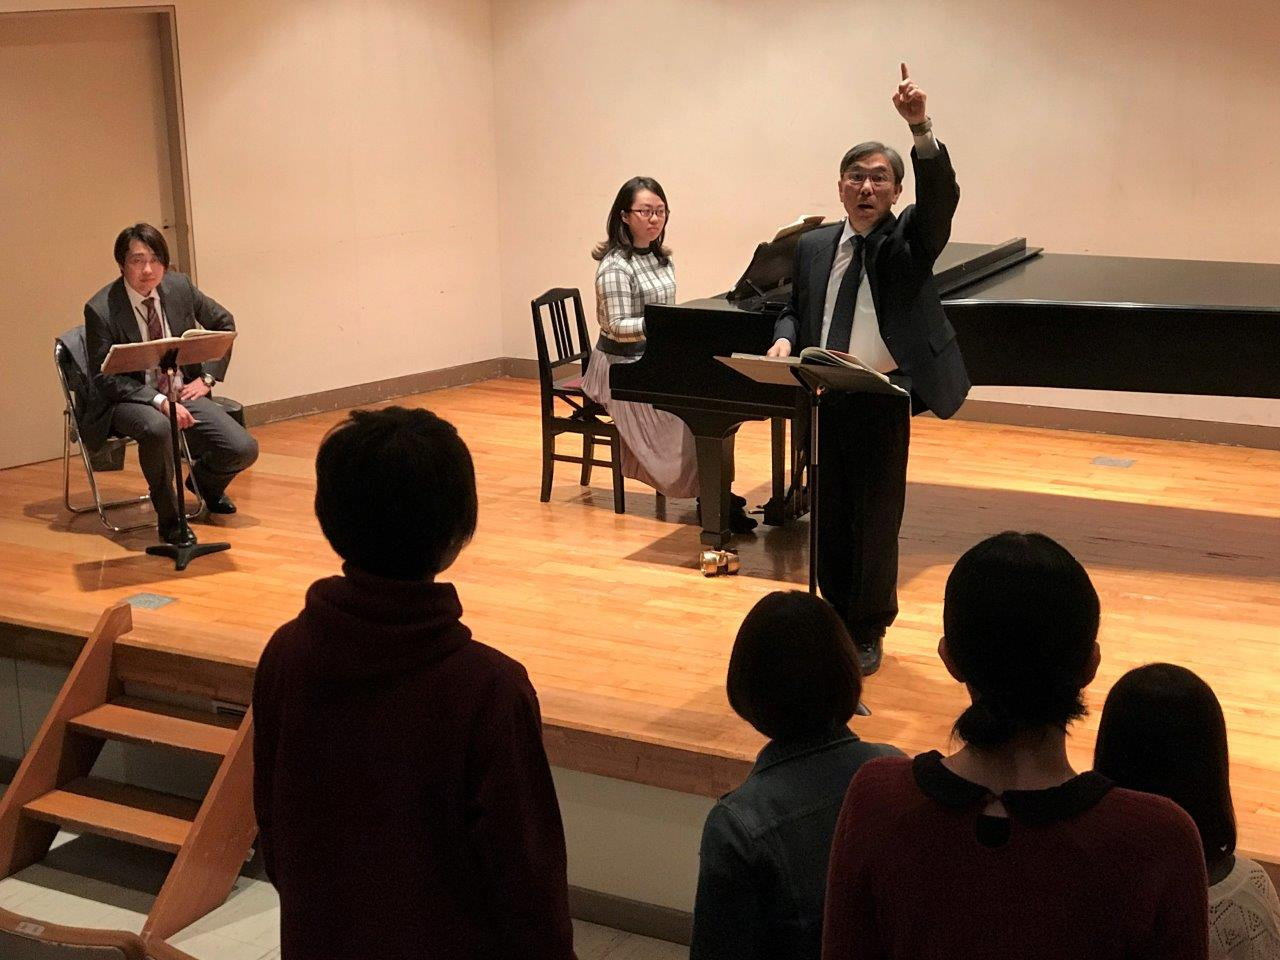 「第九」公演に向けて、本番指揮者による稽古が行われました!